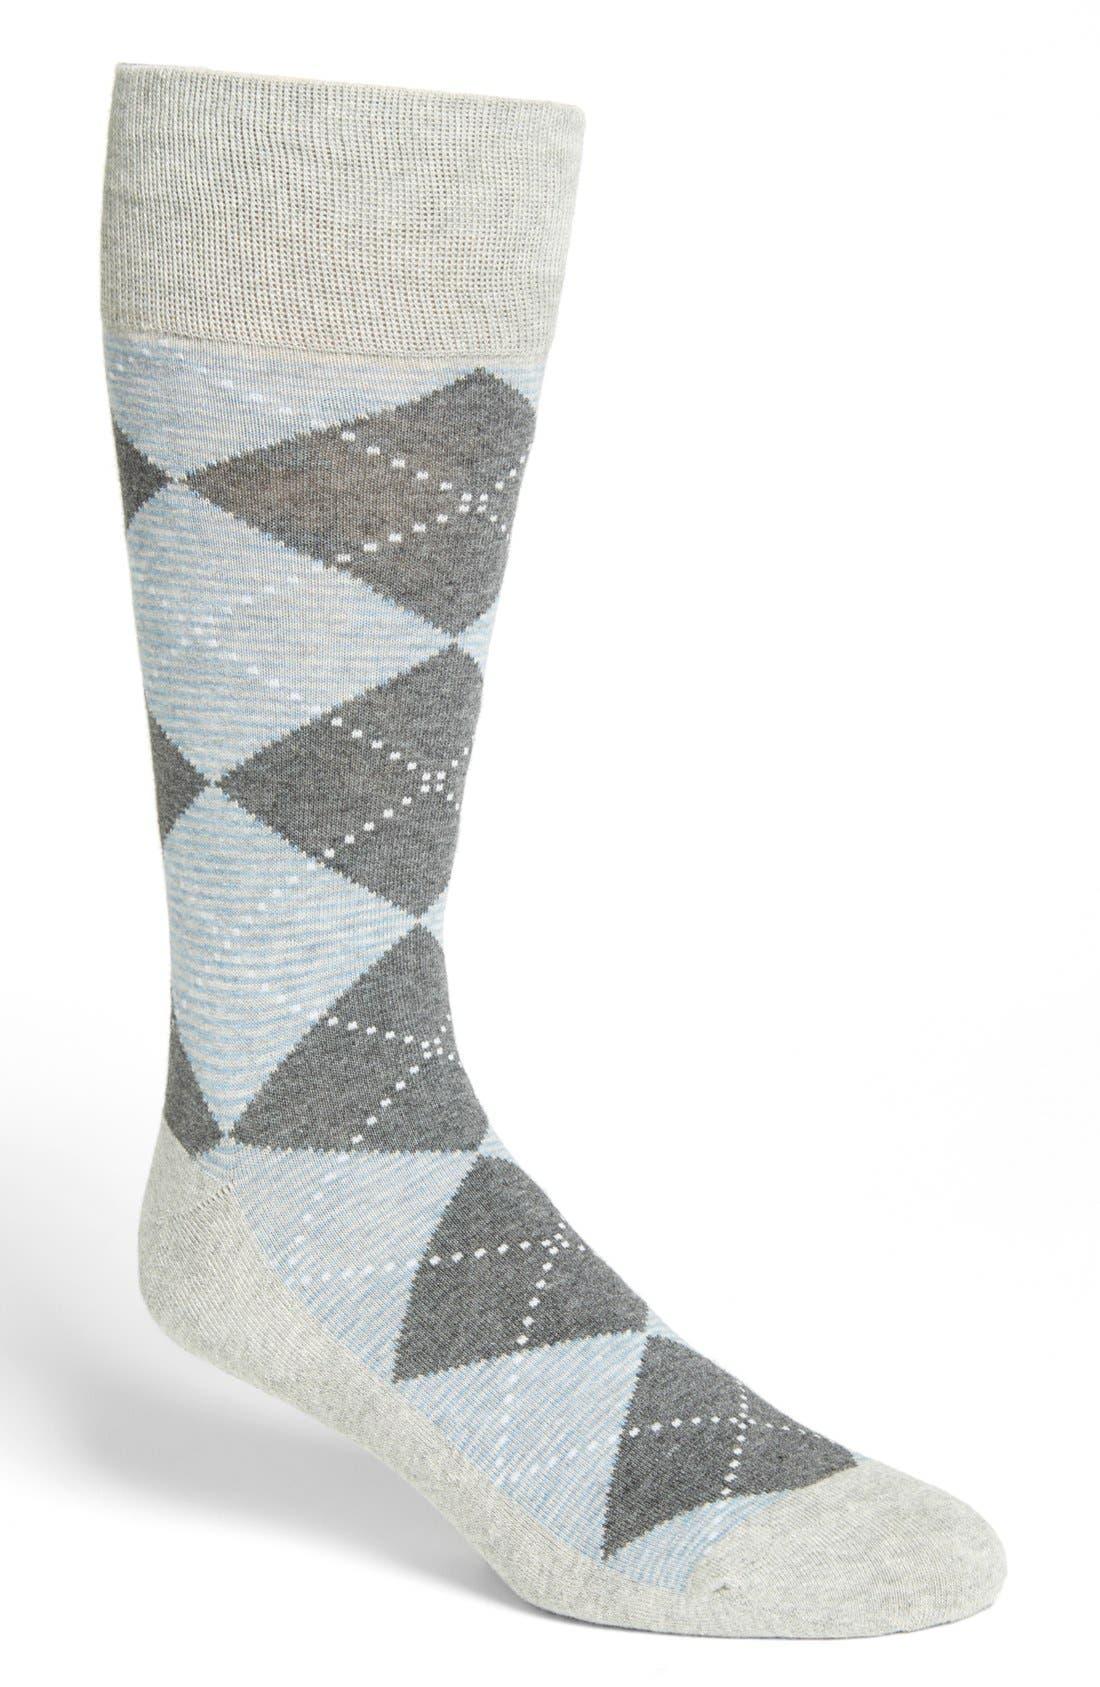 Alternate Image 1 Selected - Nordstrom Cushion Foot Argyle Socks (Men) (3 for $30)